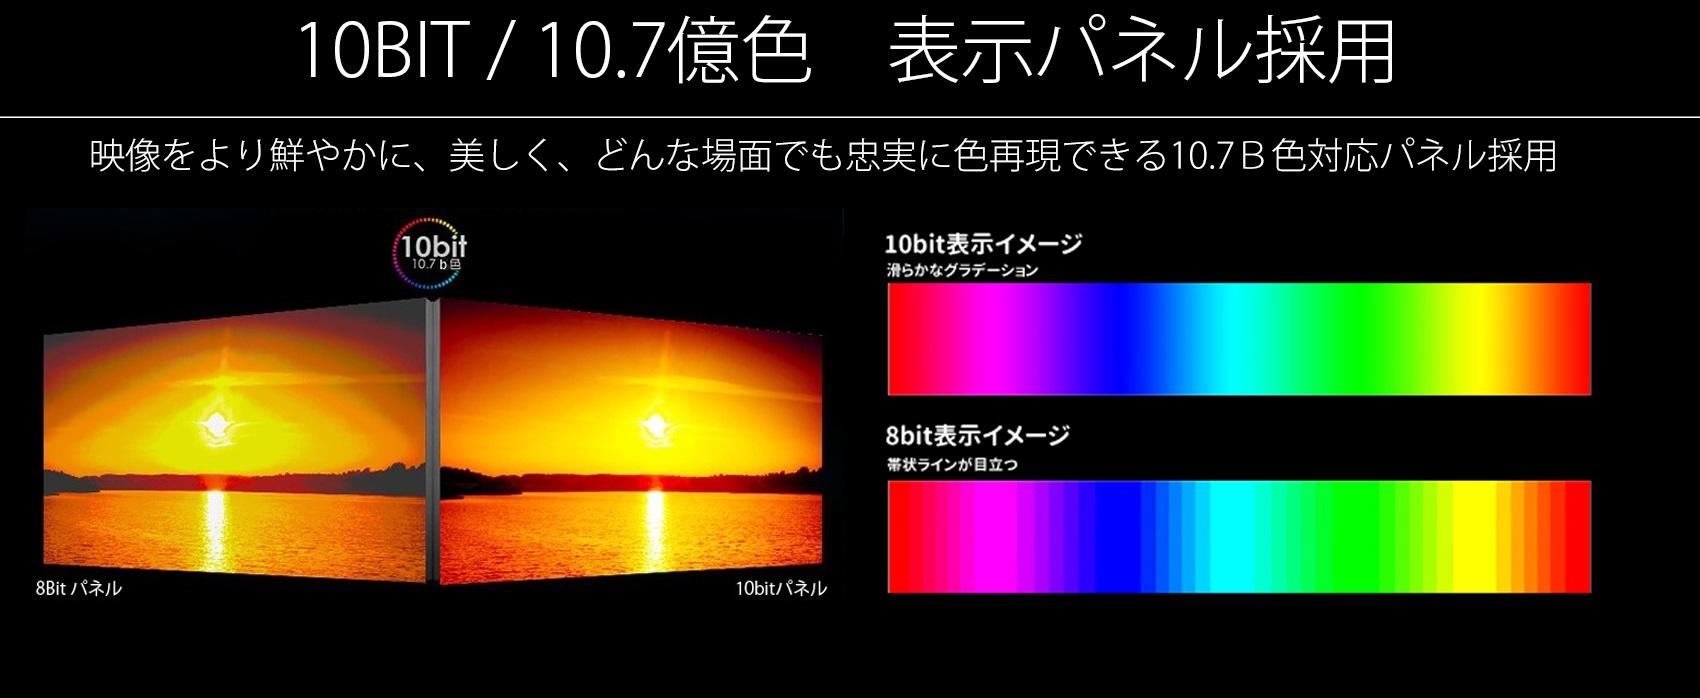 10bit パネル 1.07b色 パネル採用 映像をより鮮やかに、美しく、どんな場面でも忠実な色再現できる1.07B色対応パネル採用。